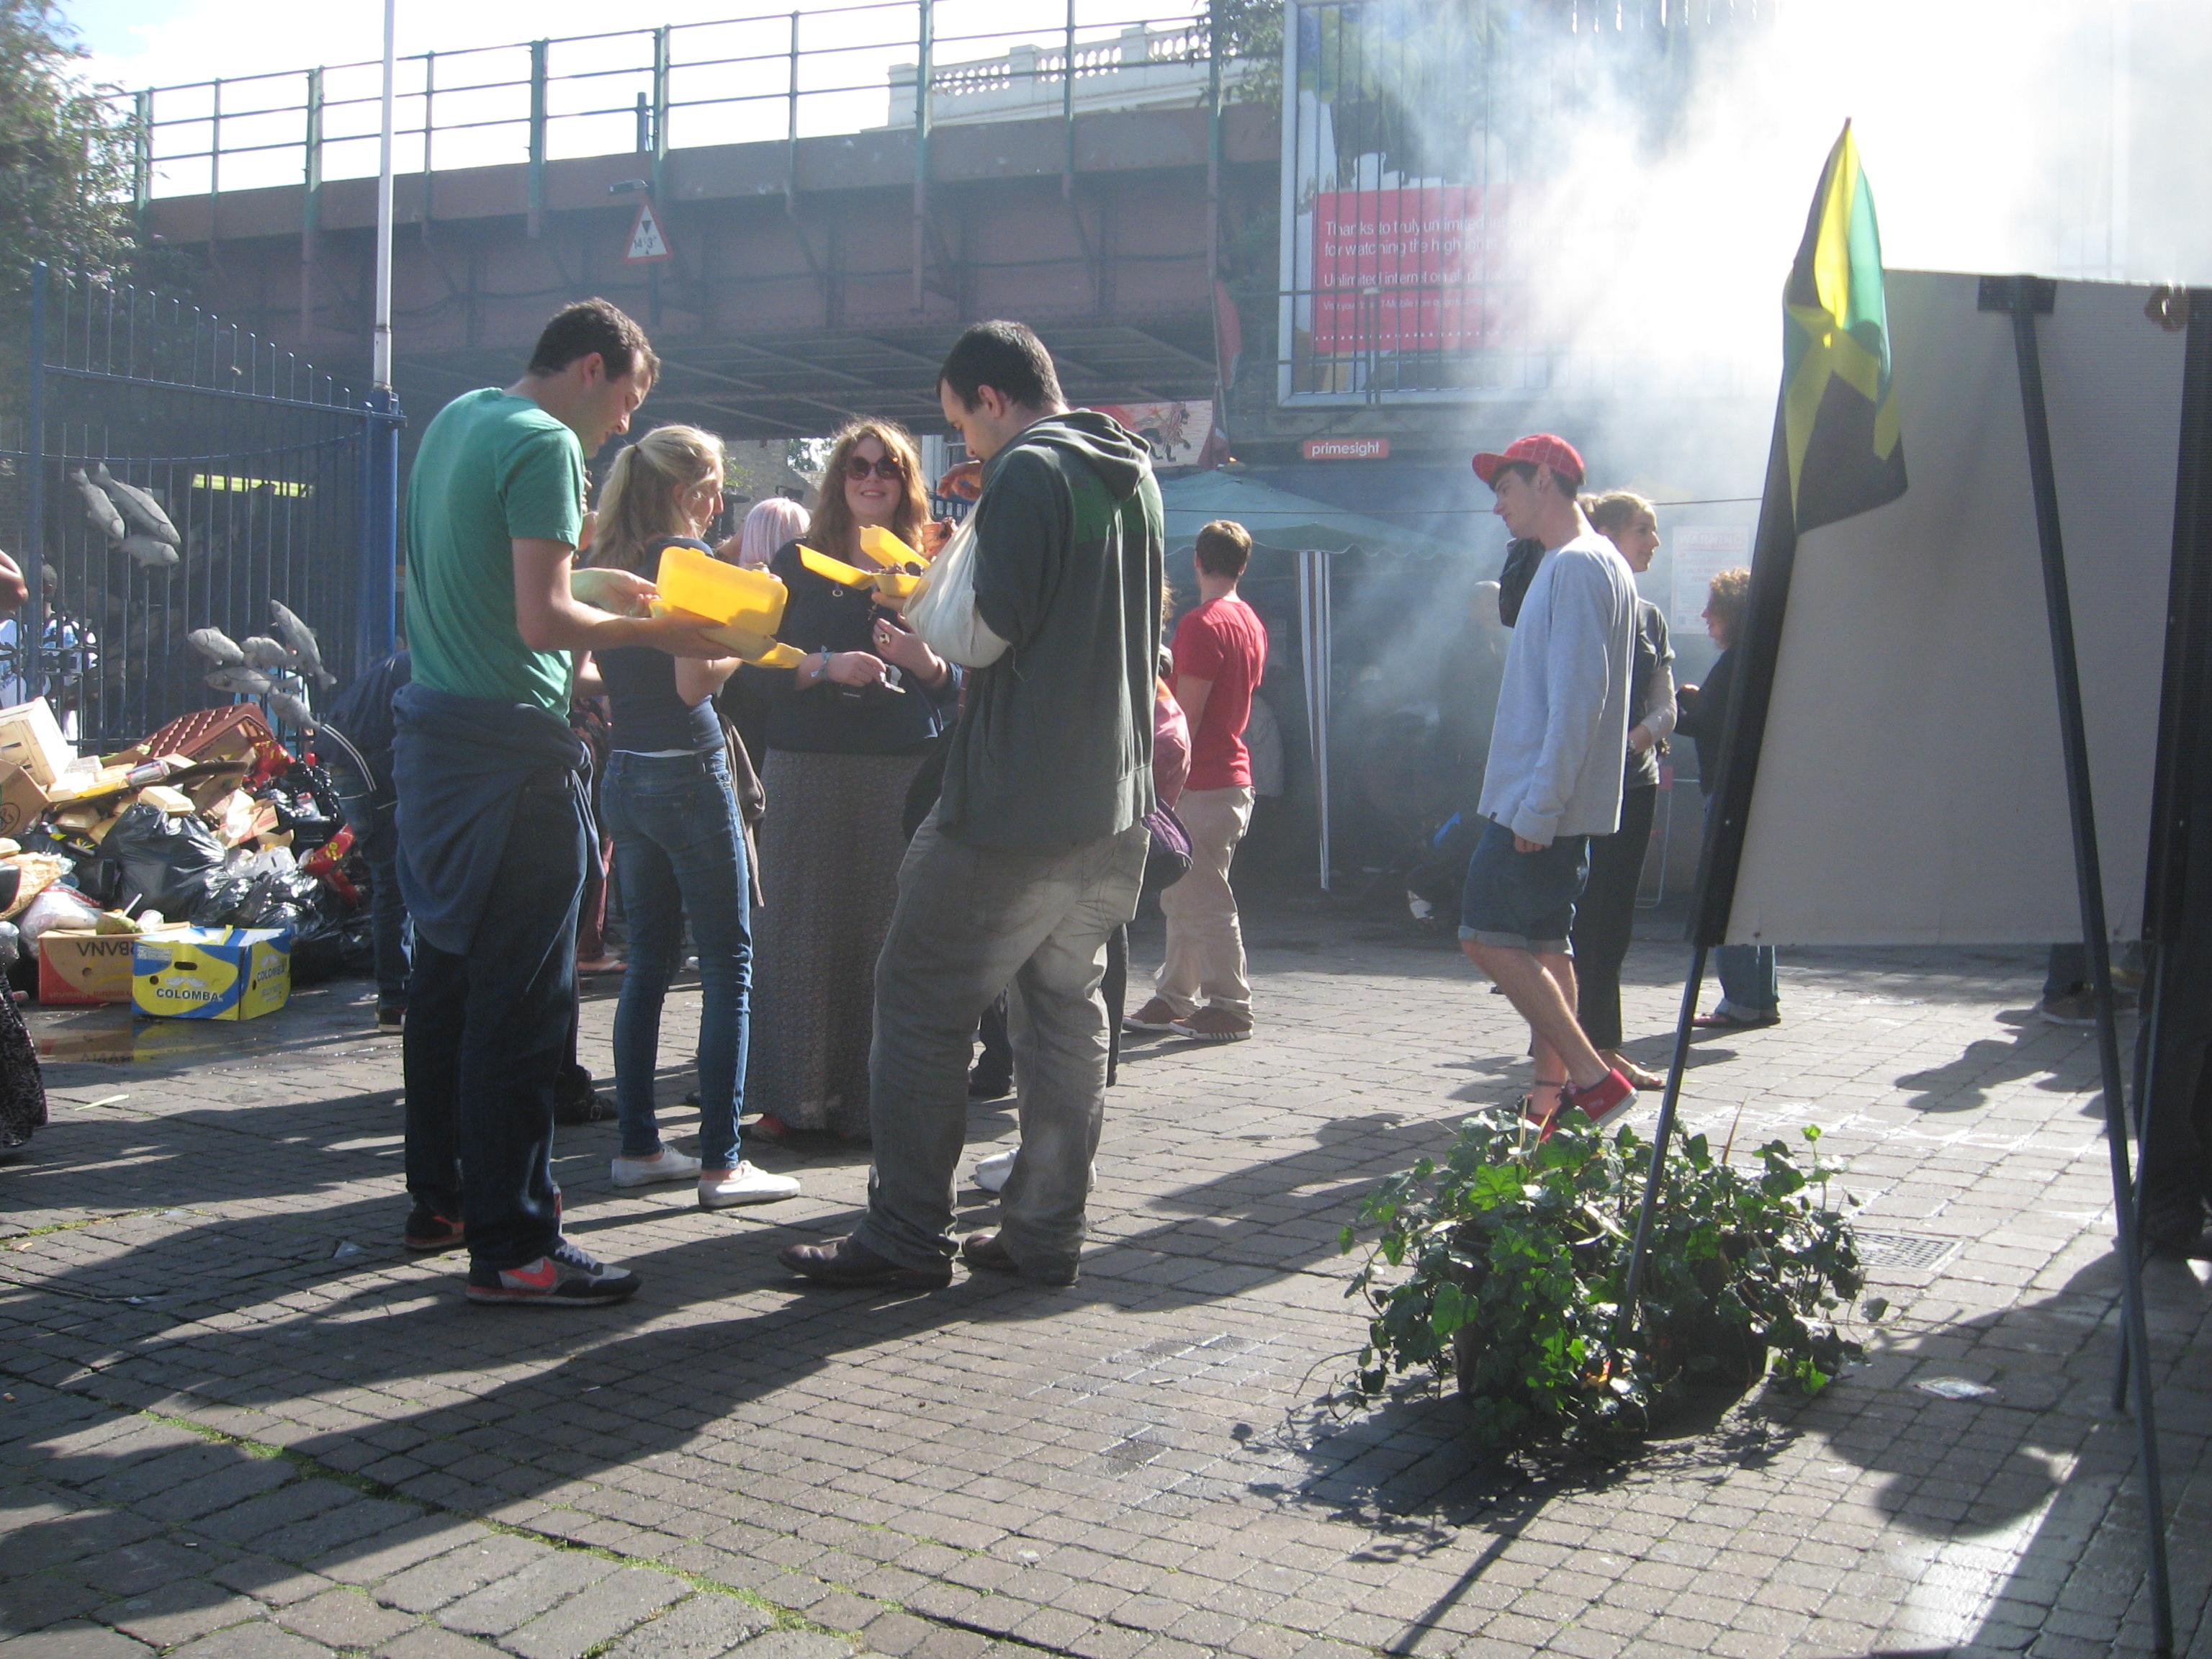 people eating food in street